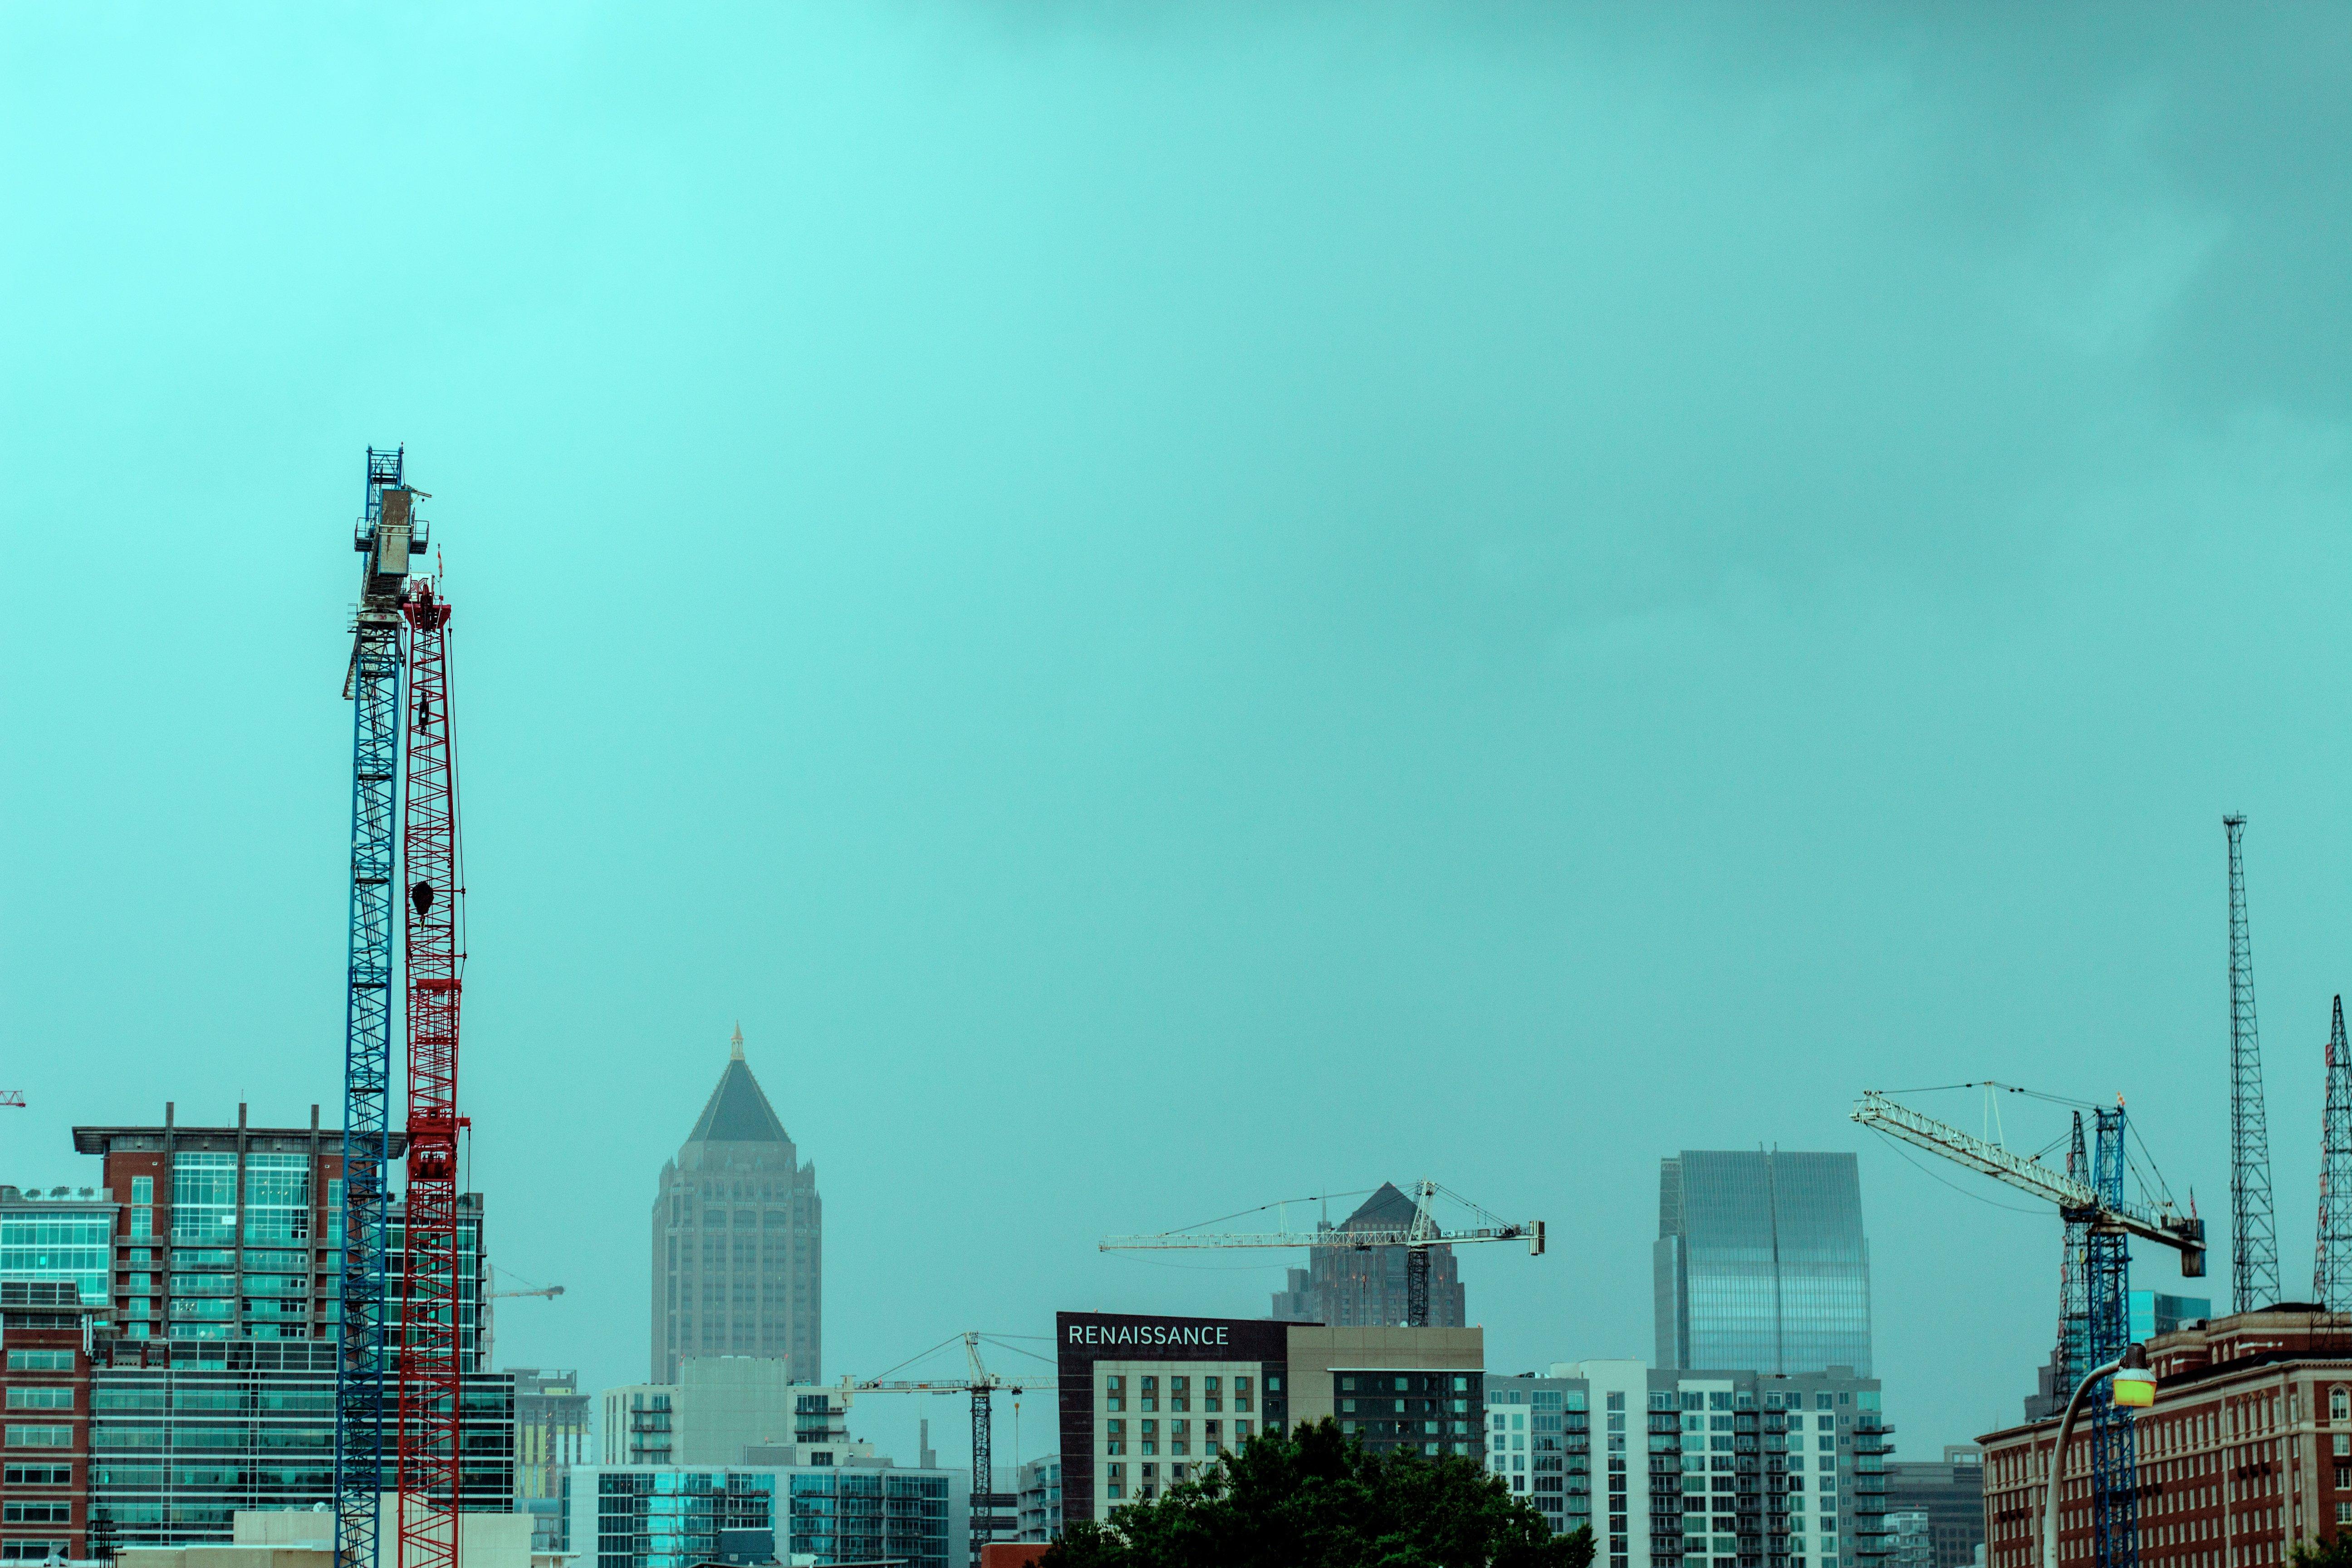 rainy day 4k wallpaper - photo #37